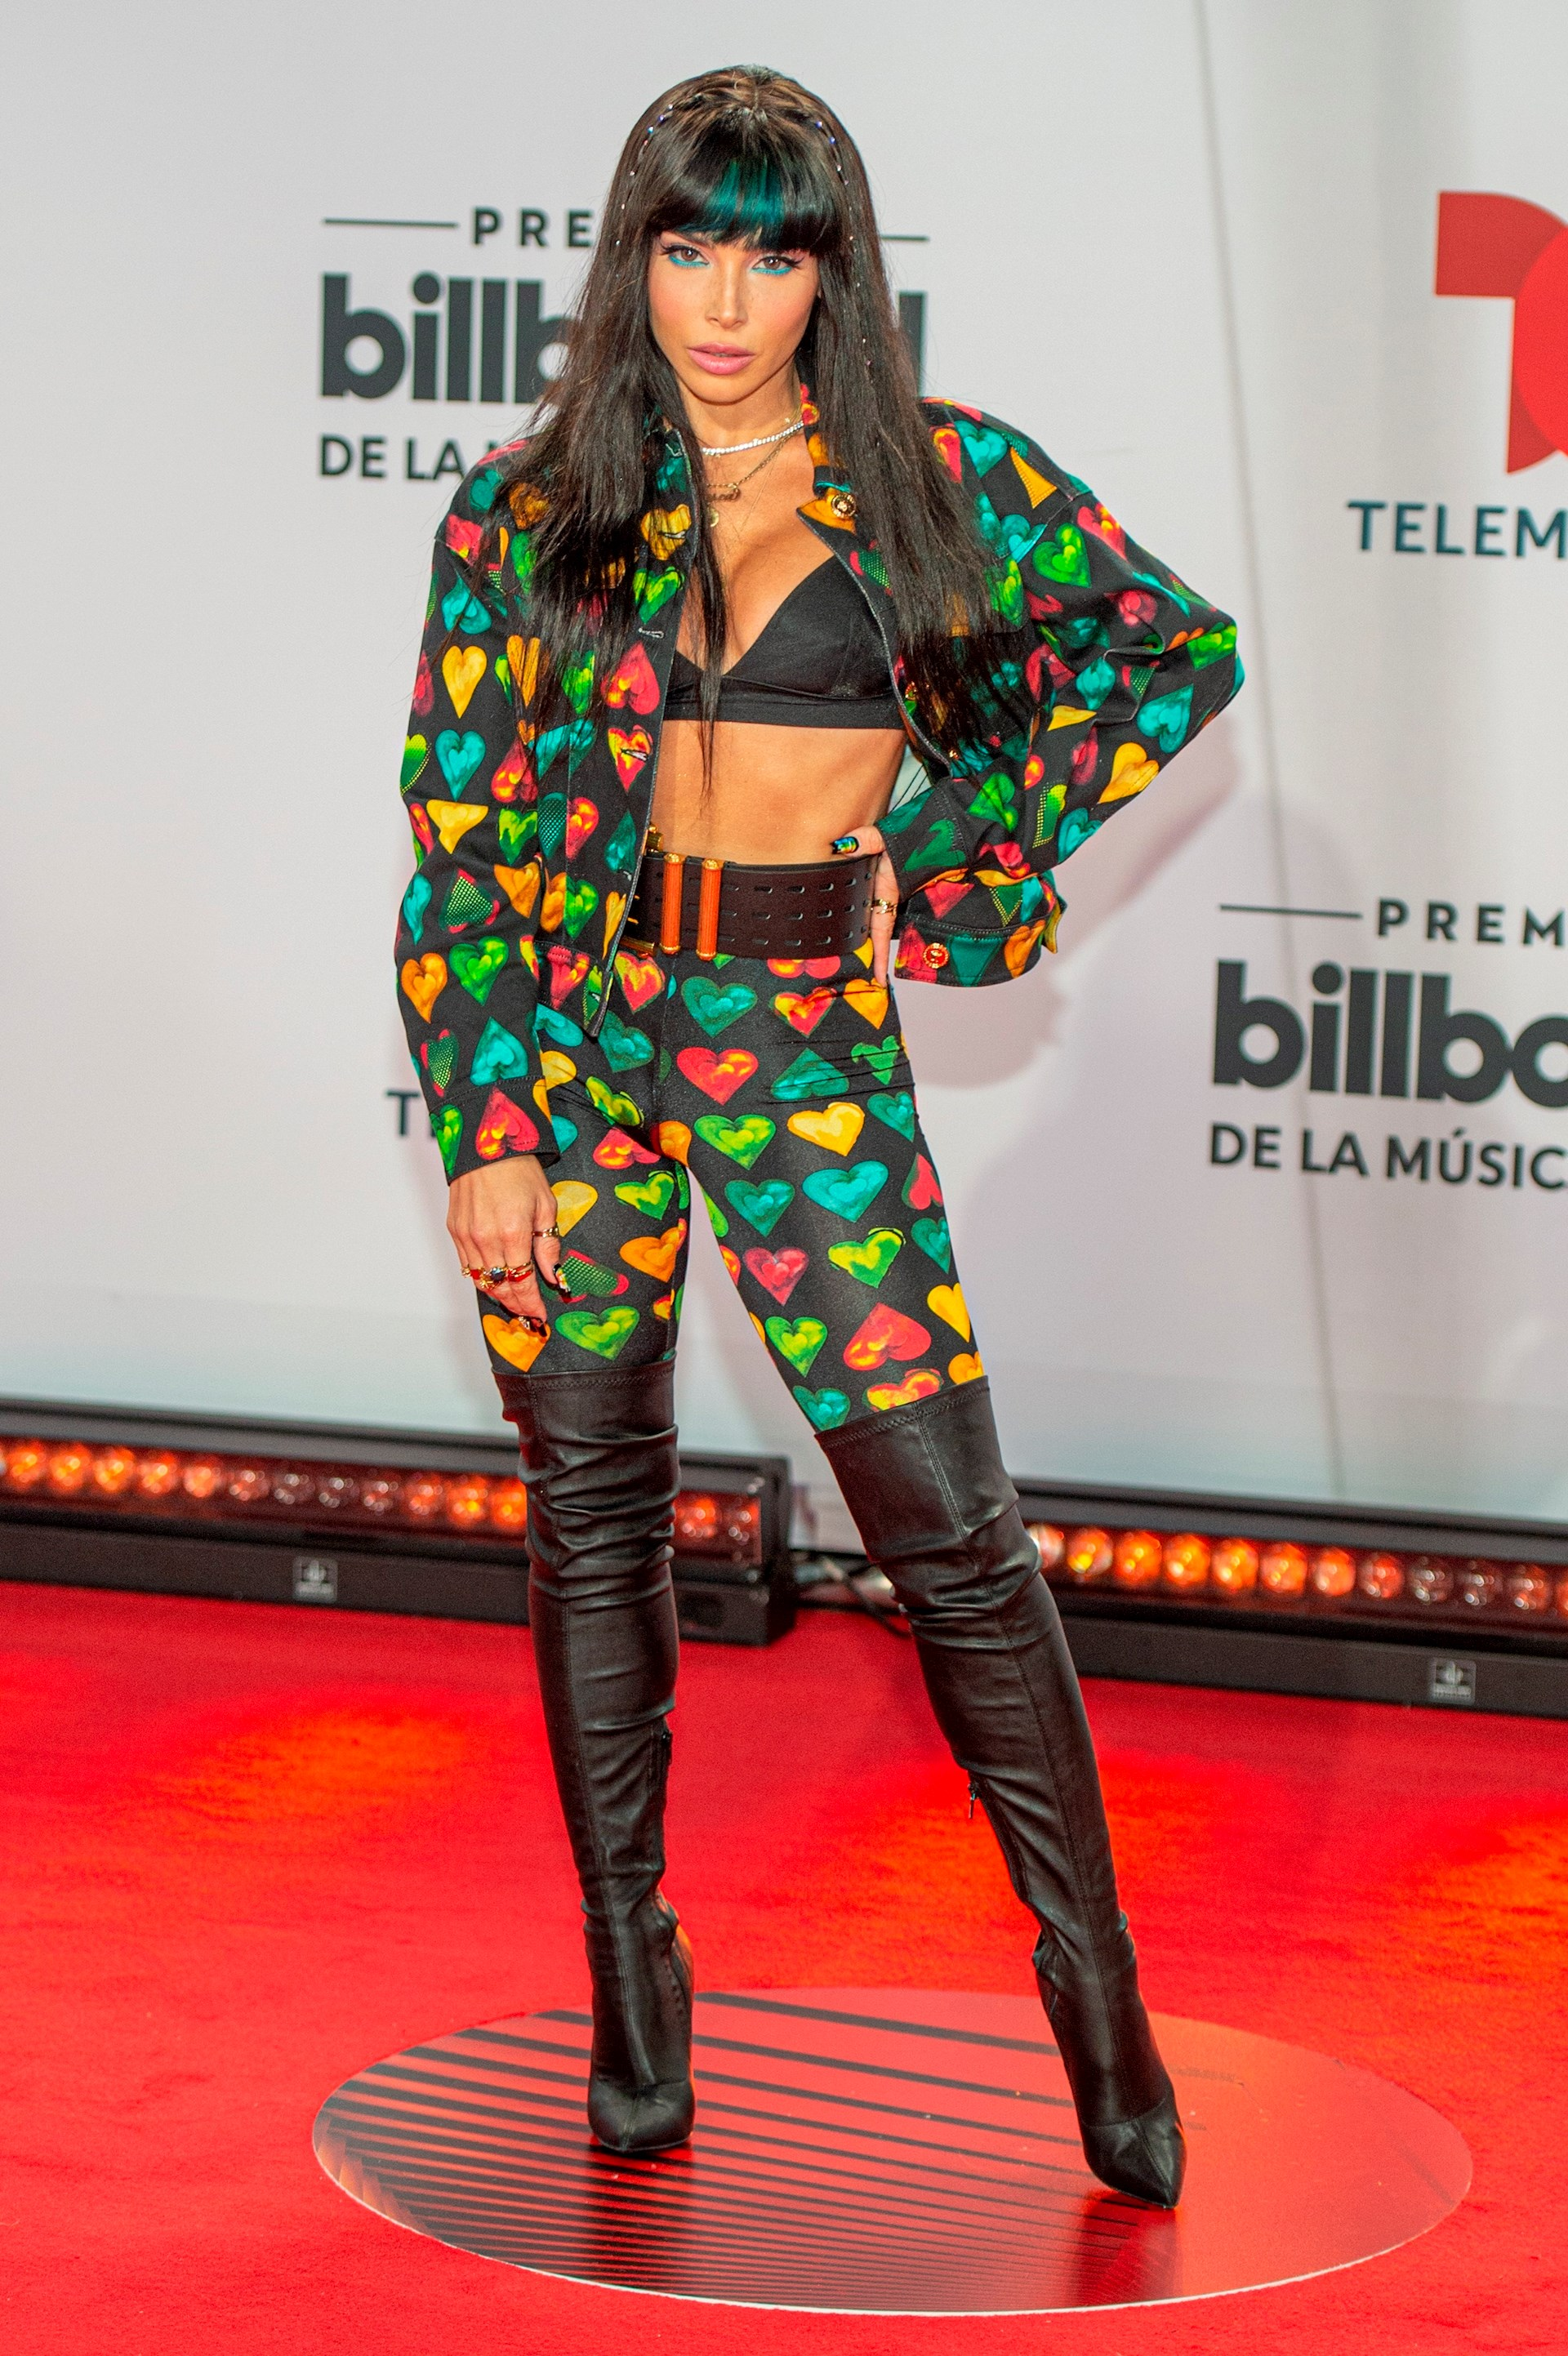 La cantante puertorriqueña Chesca posa hoy a su llegada a la alfombra roja de los Premios Billboard de la Música Latina, en el BB&T Center de Sunrise, una ciudad del condado Broward y cercana a Miami, Florida (Foto: EFE/Giorgio Viera)